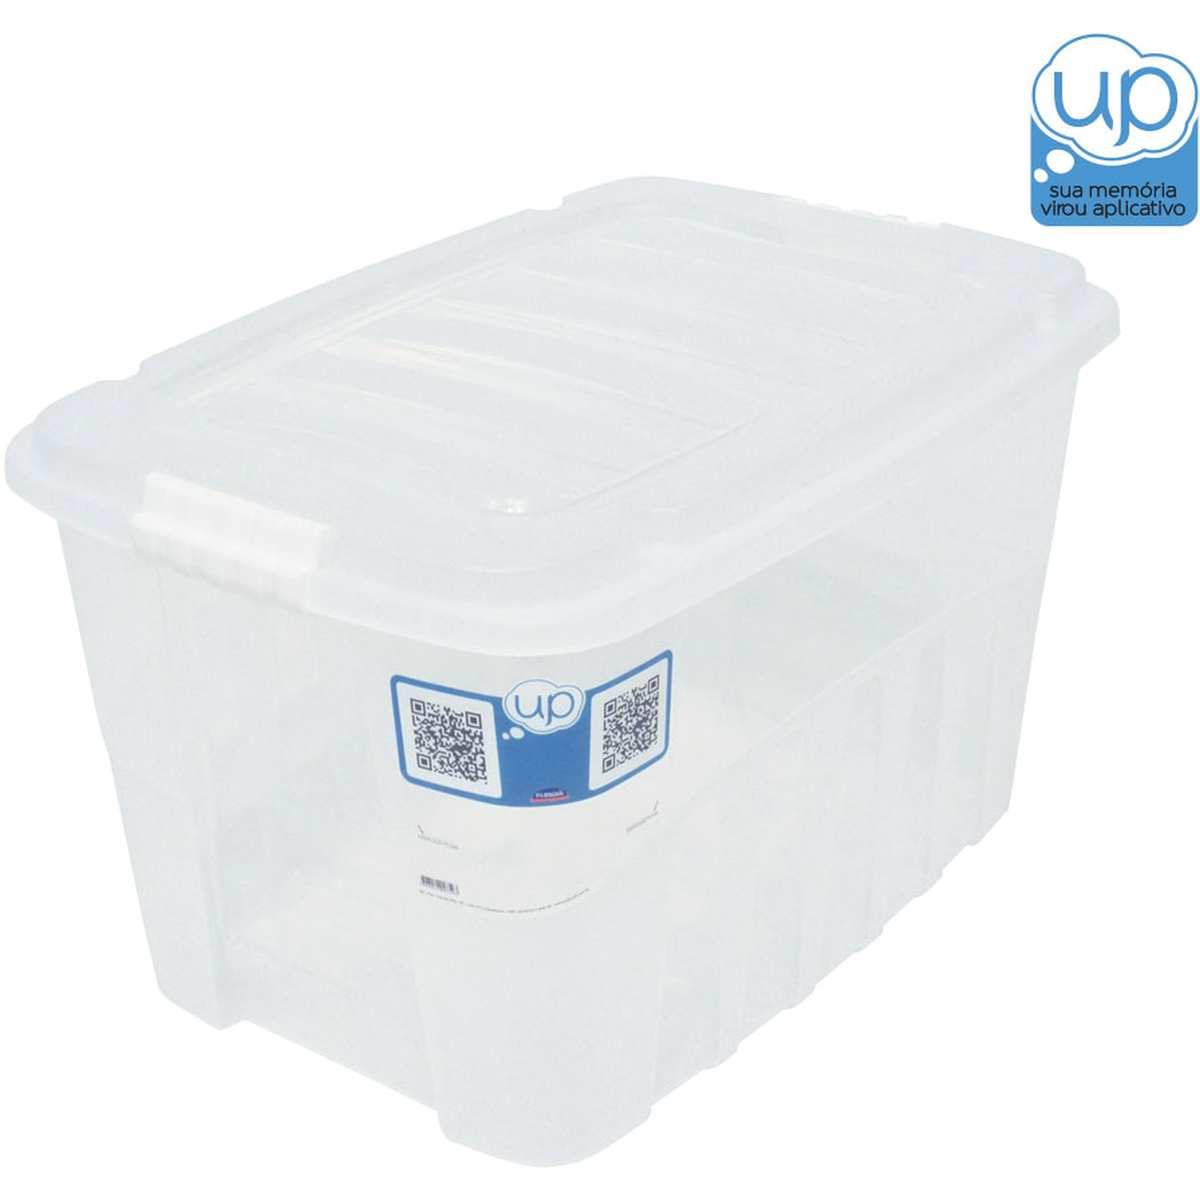 CAIXA PLASTICA MULTIUSO GRAN BOX ALTA INCOLOR 19,8L